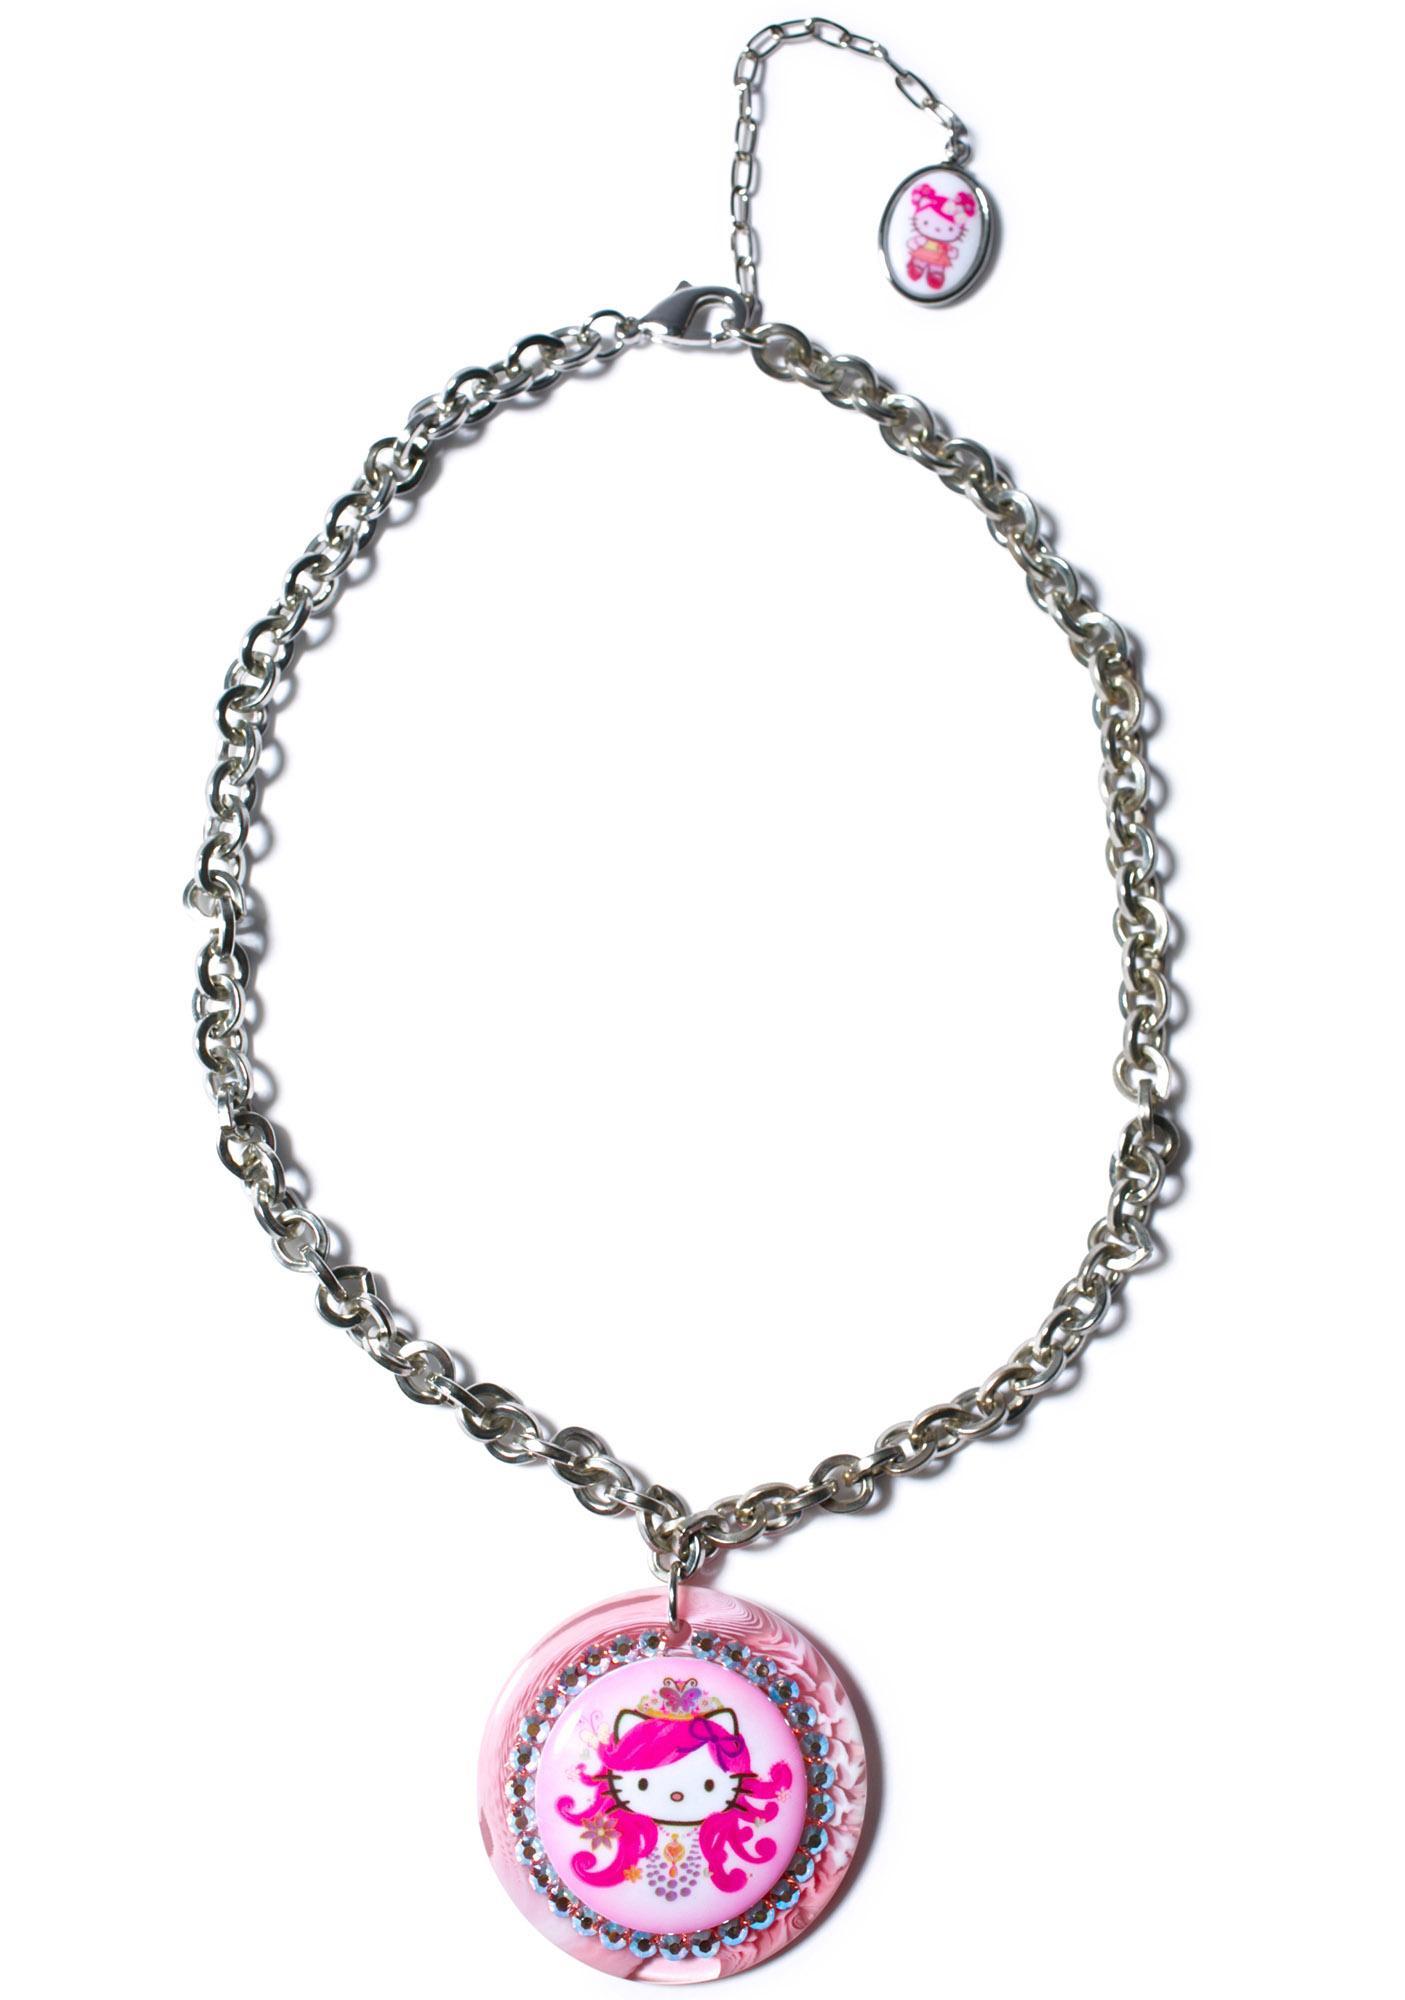 Tarina Tarantino Hello Princess Chain Necklace